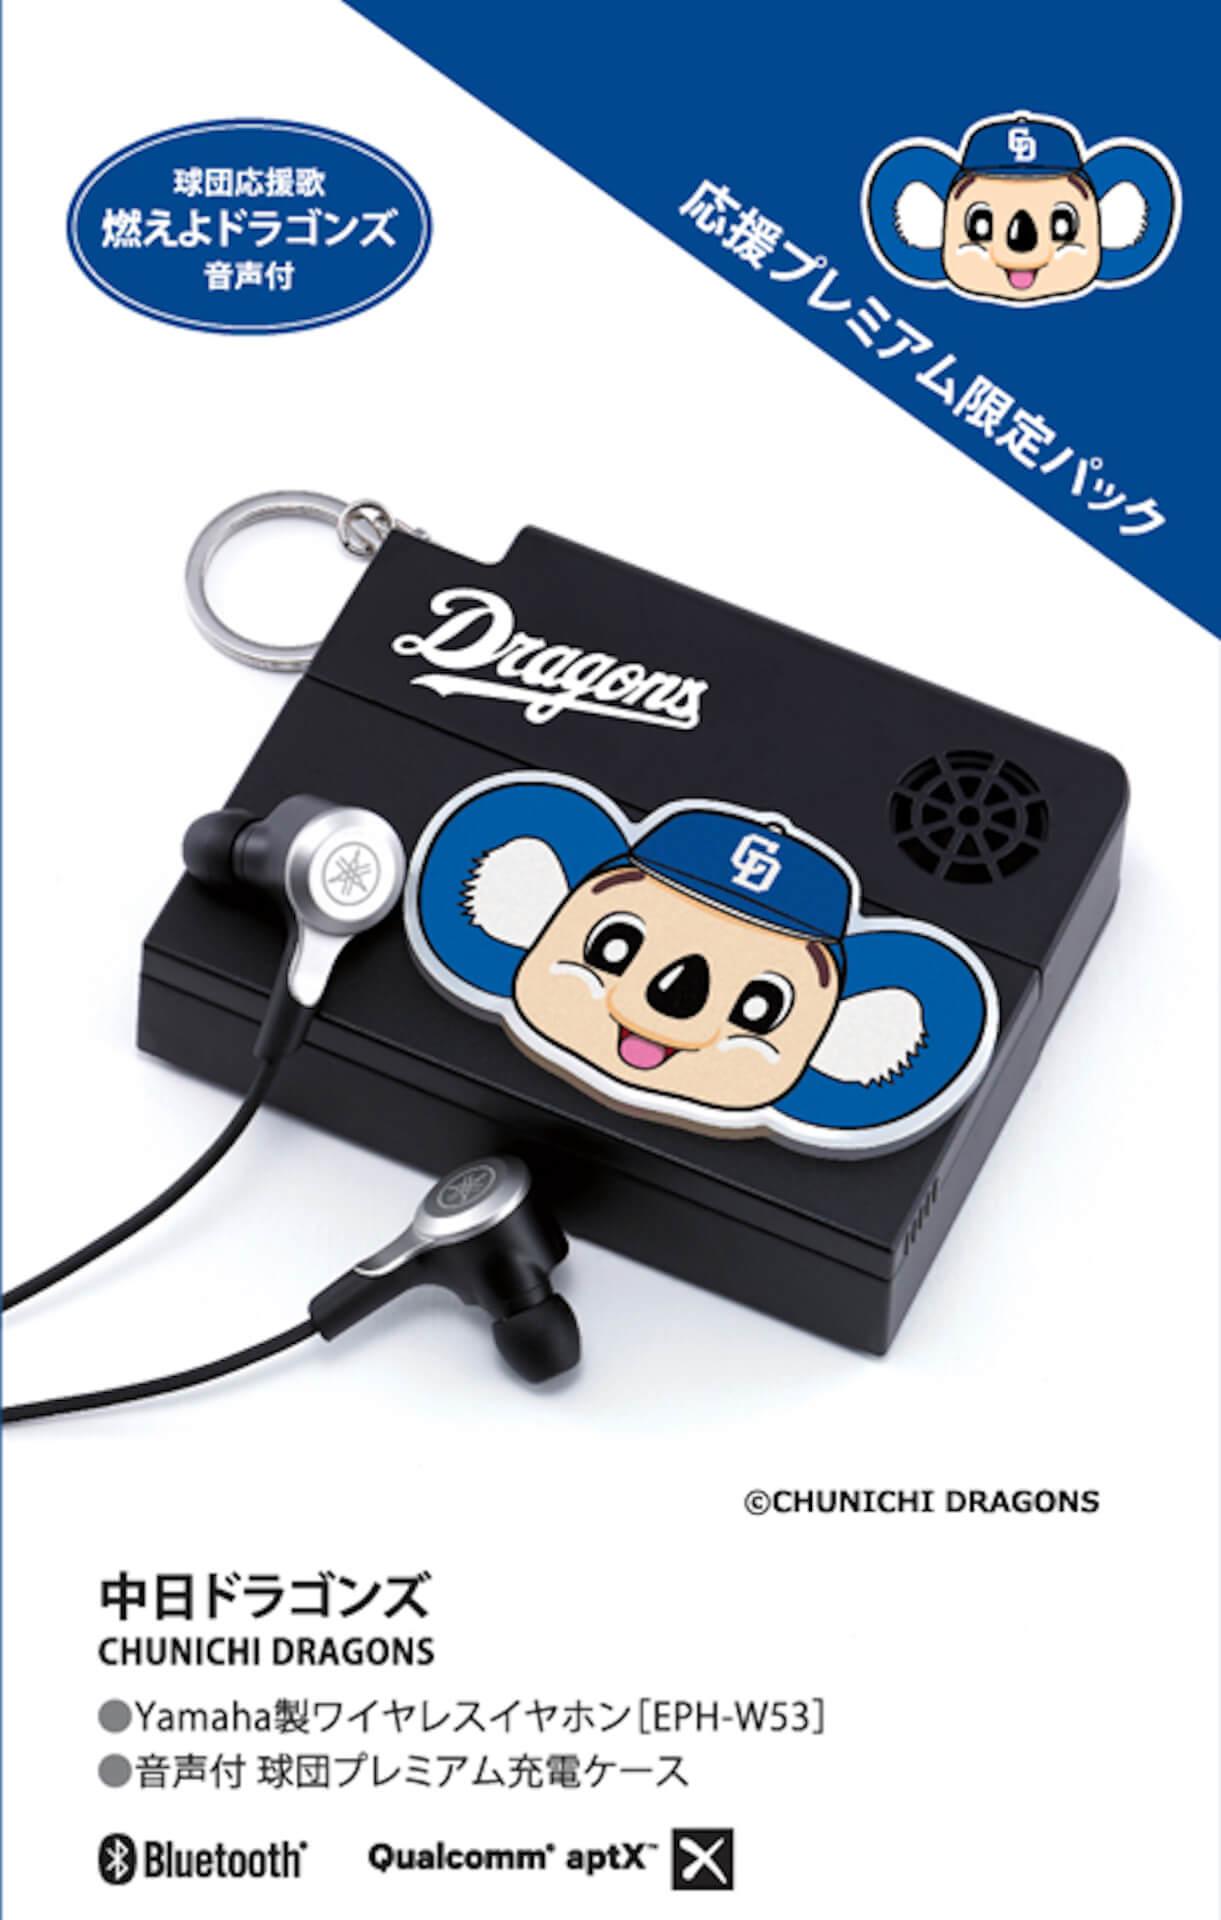 ホークス、タイガースにカープも!ワイヤレスイヤホンとプロ野球10球団別ロゴ入り充電ケースのセットが限定発売 tech191101_baseball_earphone_14